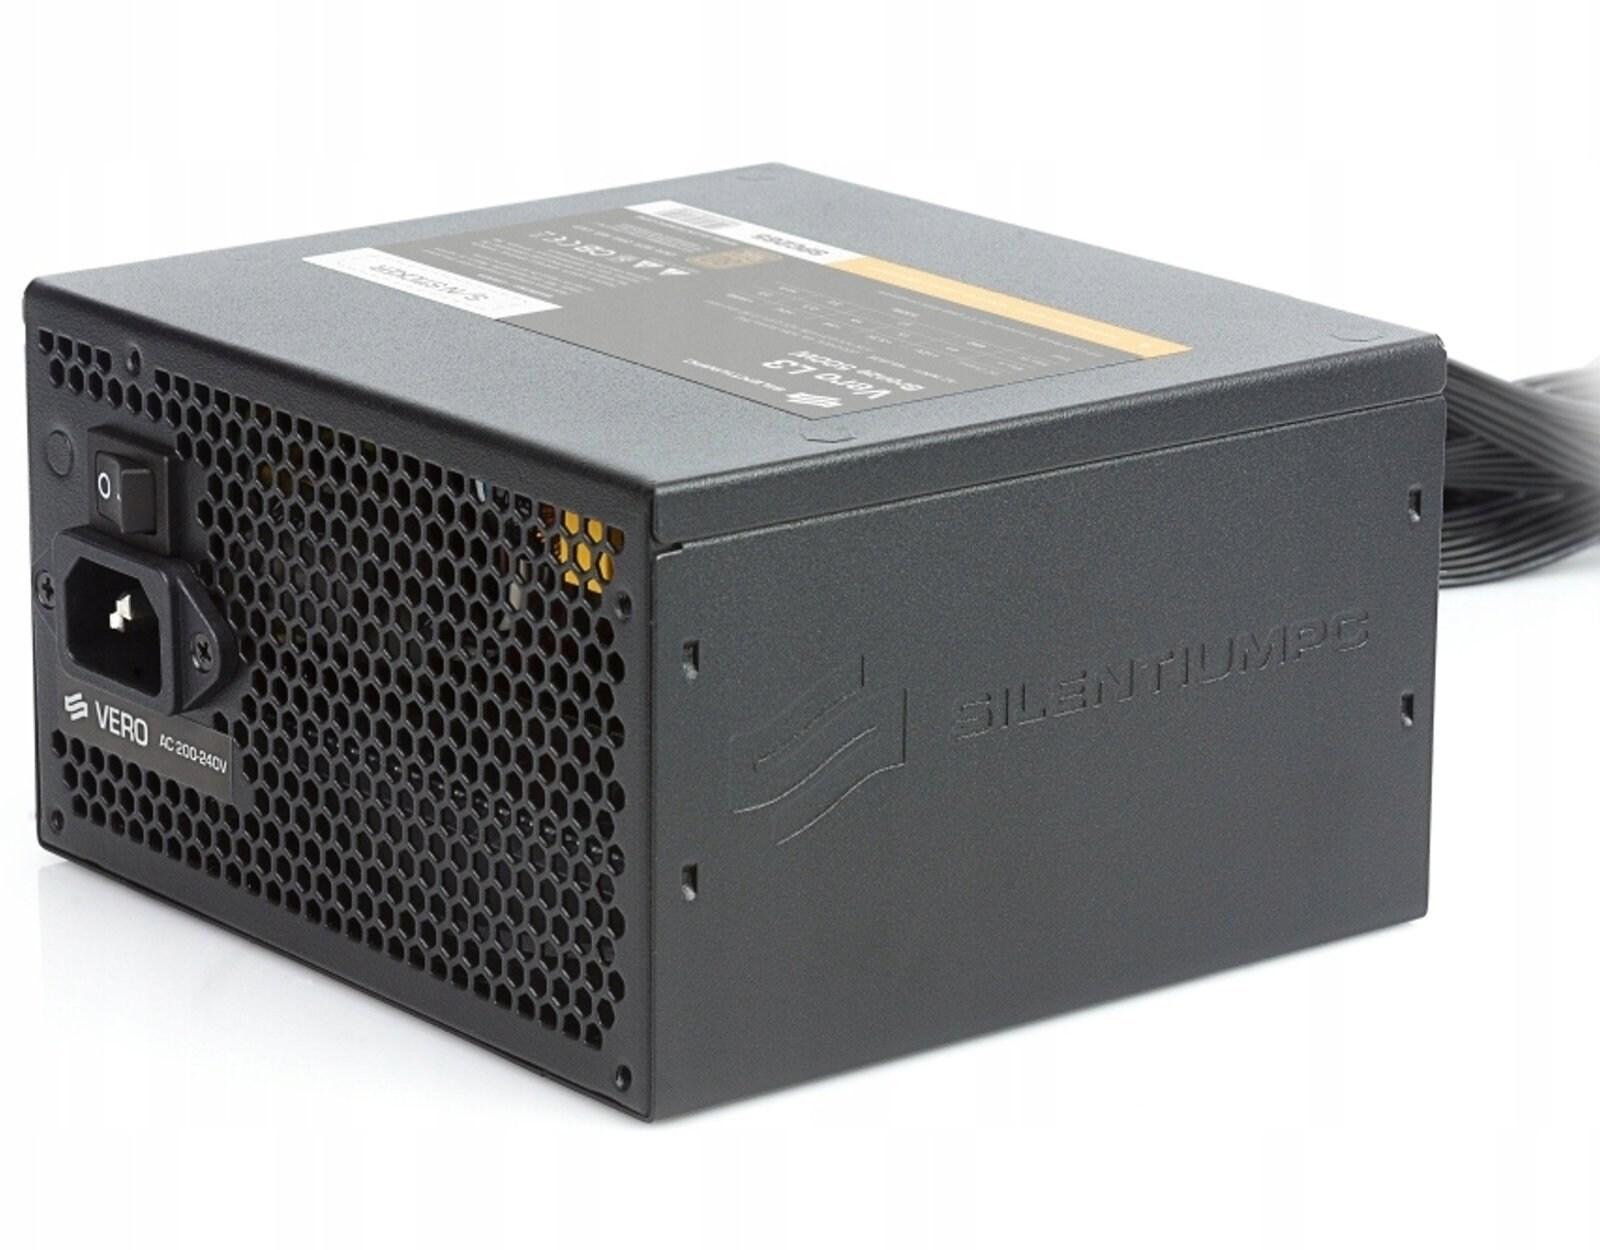 Gaming PC Intel Core i5-10400F / Zotac GeForce GTX 1650 4GB / 240GB SSD / 8GB DDR4 / WIN 10 PRO - 6